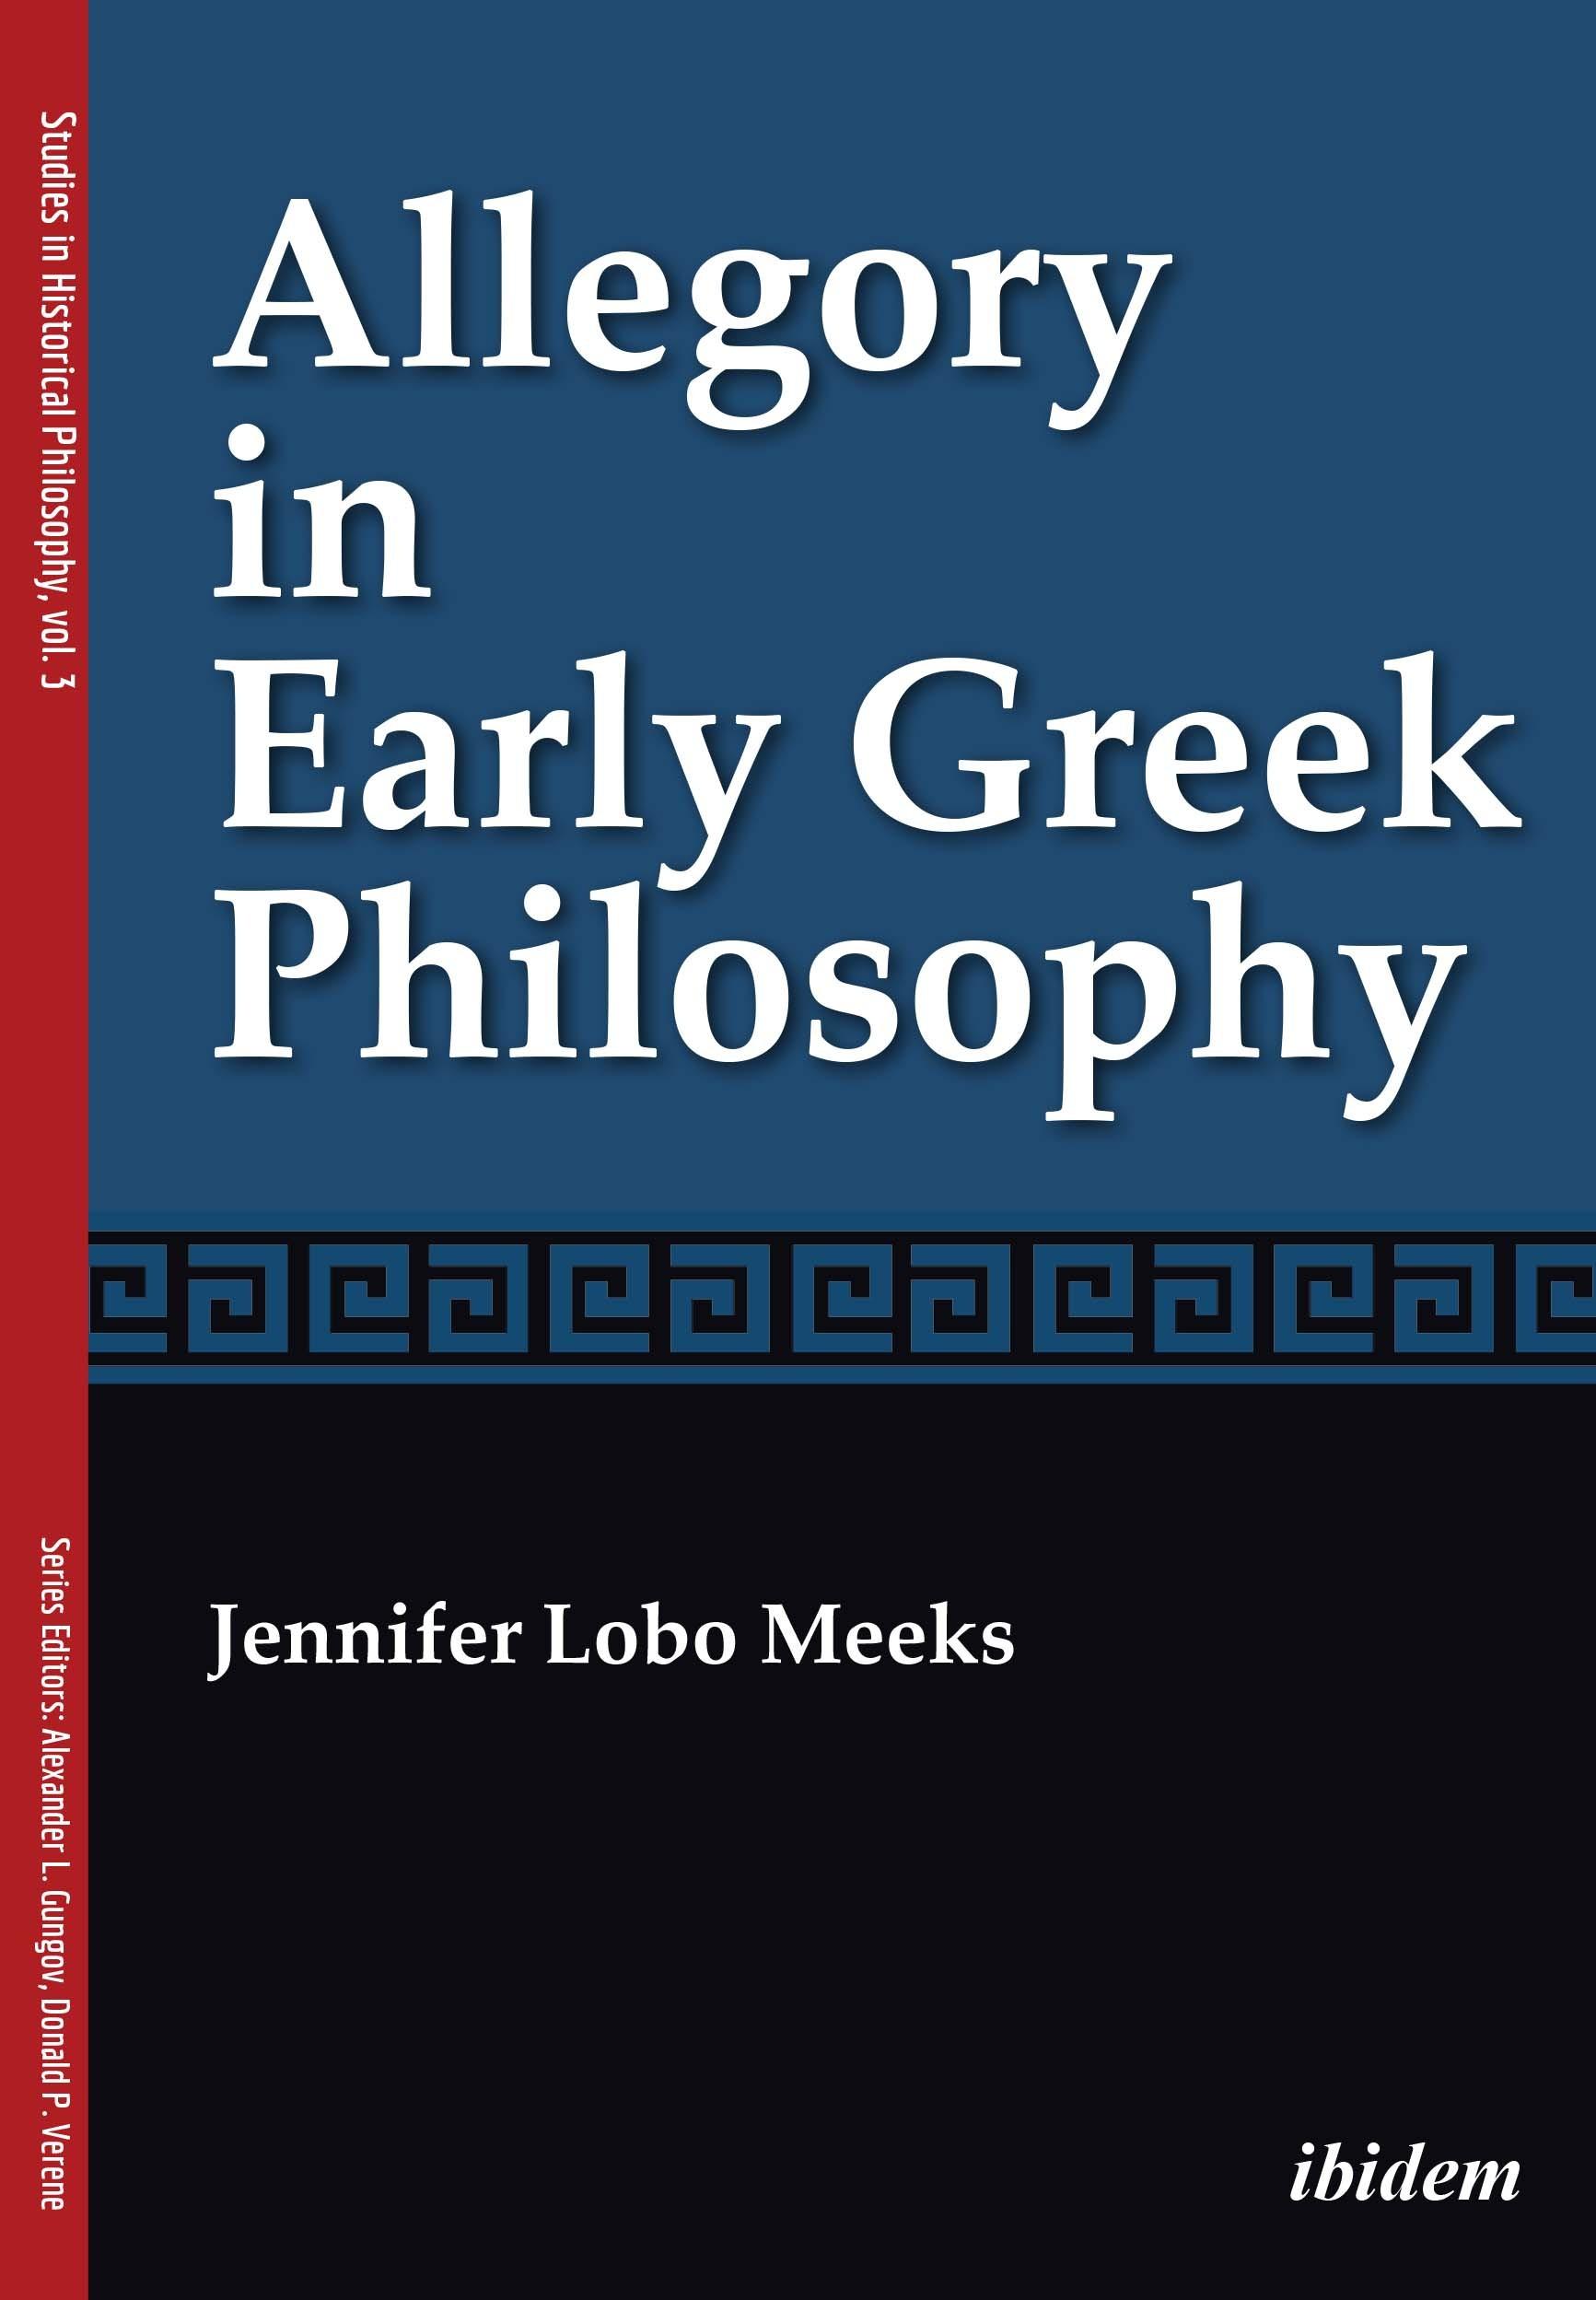 Allegory in Early Greek Philosophy